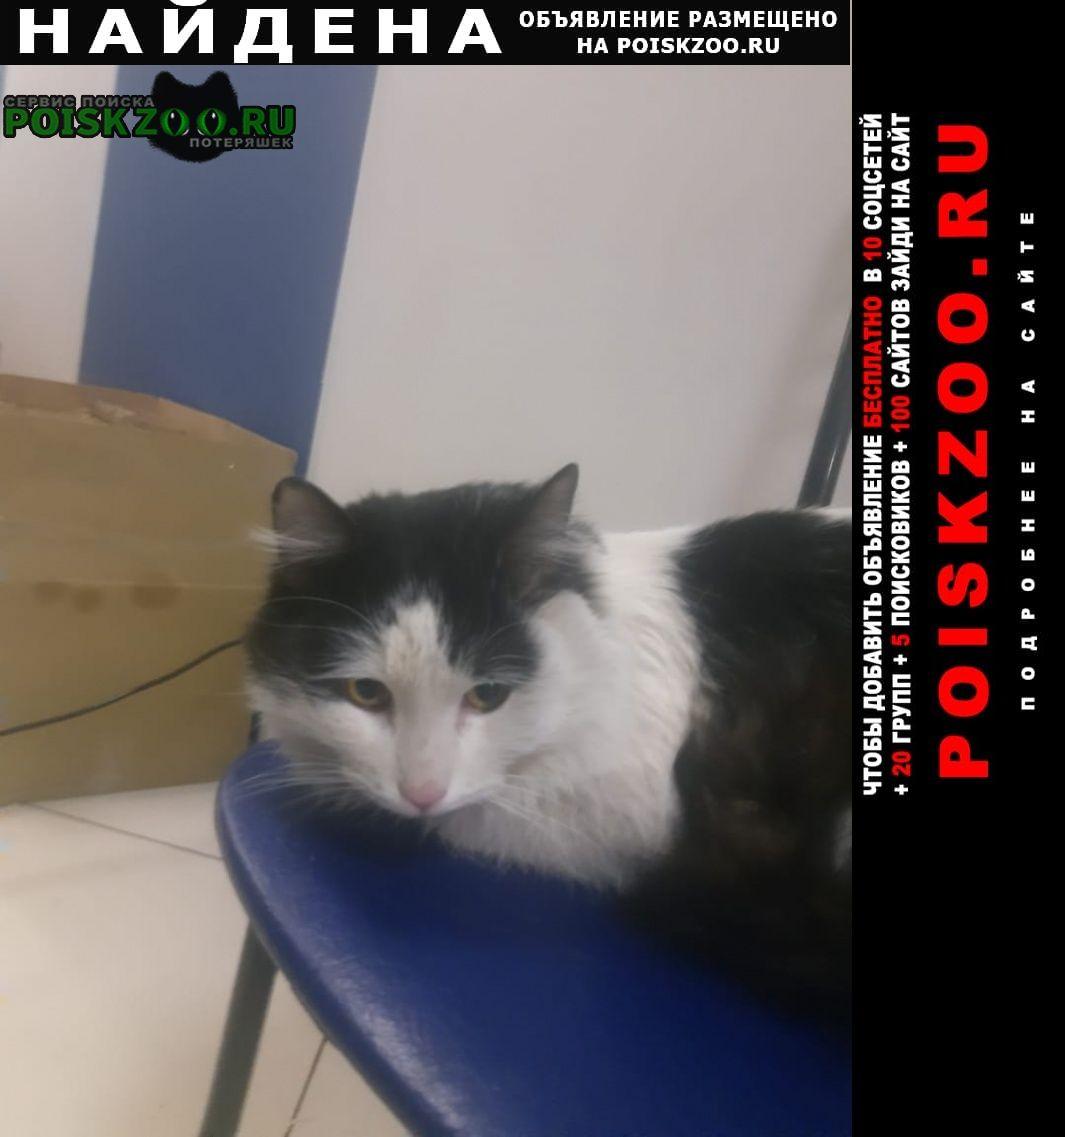 Найдена кошка кот, Санкт-Петербург